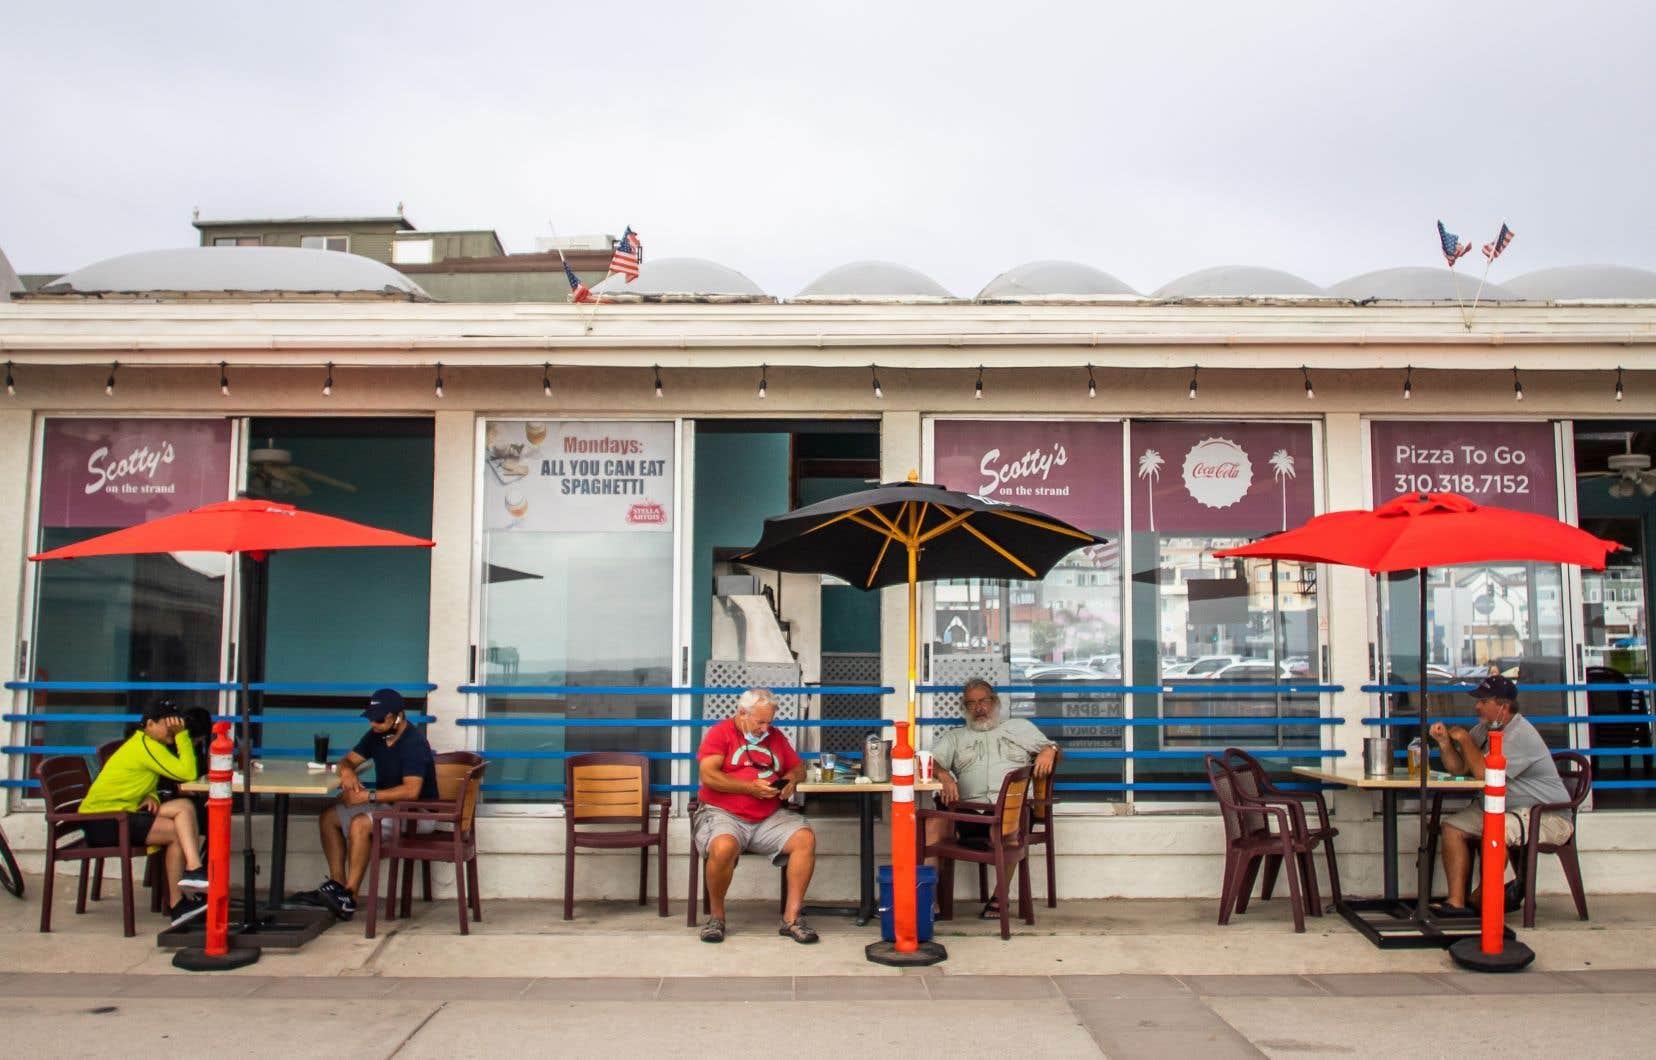 Les traçages de contacts dans quelques États américains ont mis en évidence cet été que les bars et les restaurants étaient à l'origine de nombreuses contaminations.